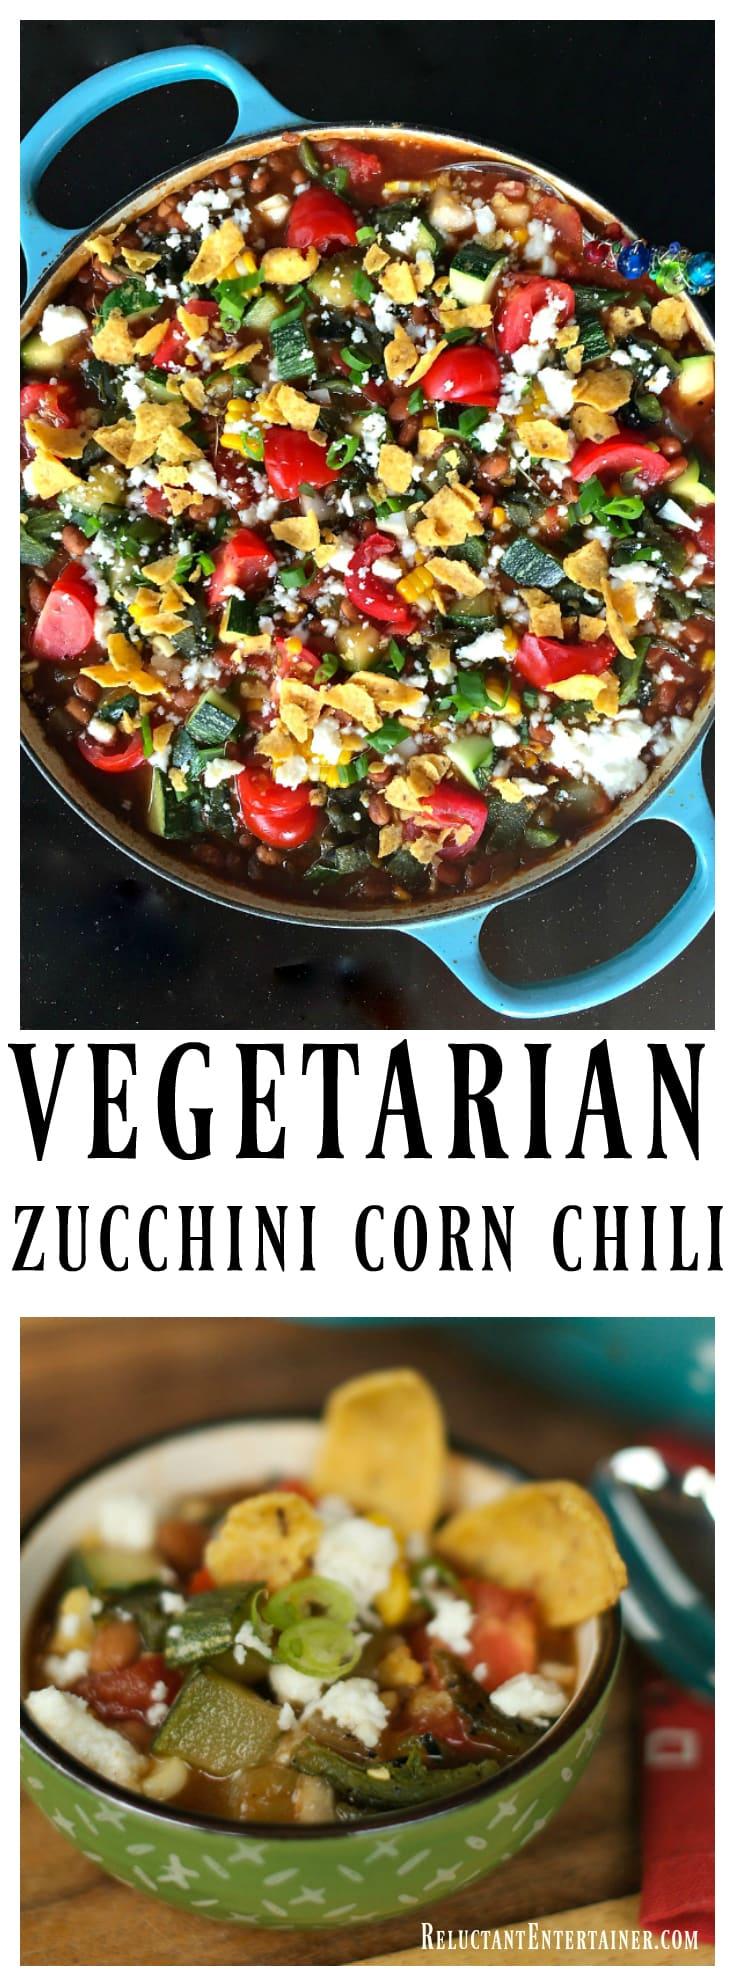 Vegetarian Zucchini Corn Chili